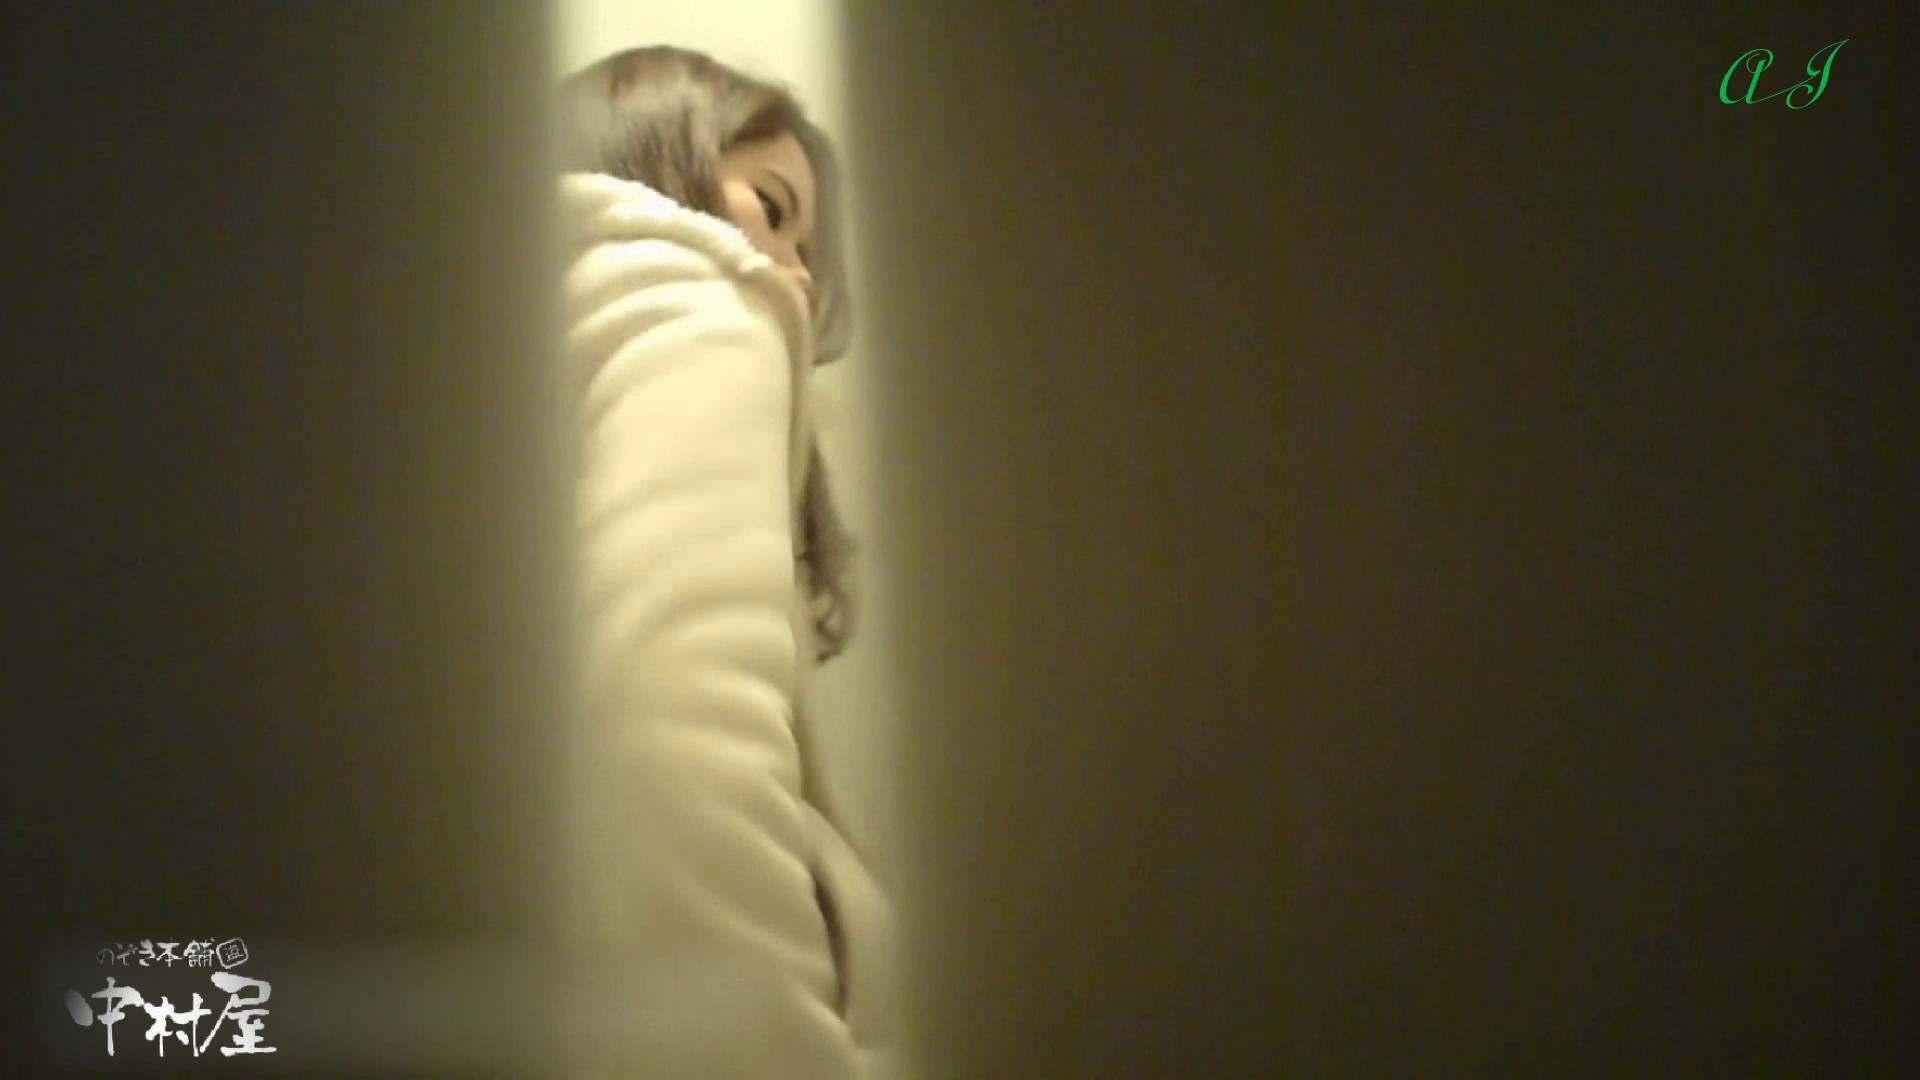 有名大学女性洗面所 vol.78 美女勢揃い 後編 美しいOLの裸体 おまんこ無修正動画無料 99pic 2